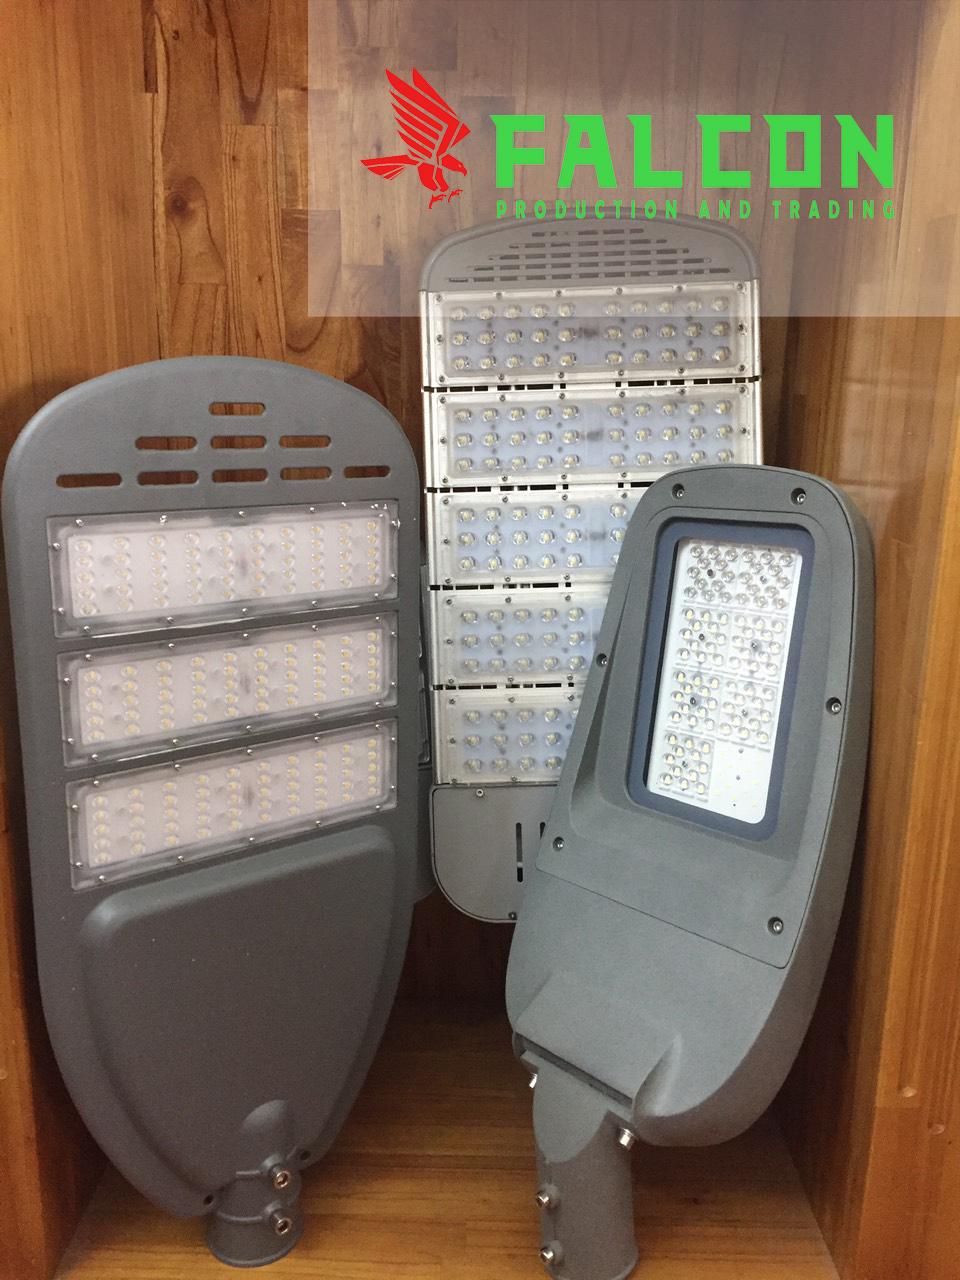 đèn đường chiết khấu cao tổng kho sản xuất lắp ráp đèn tại Hà Nội. Được nhiều công trình lựa chọn đèn đường lắp cho các nhà xưởng khu công nghiệp.